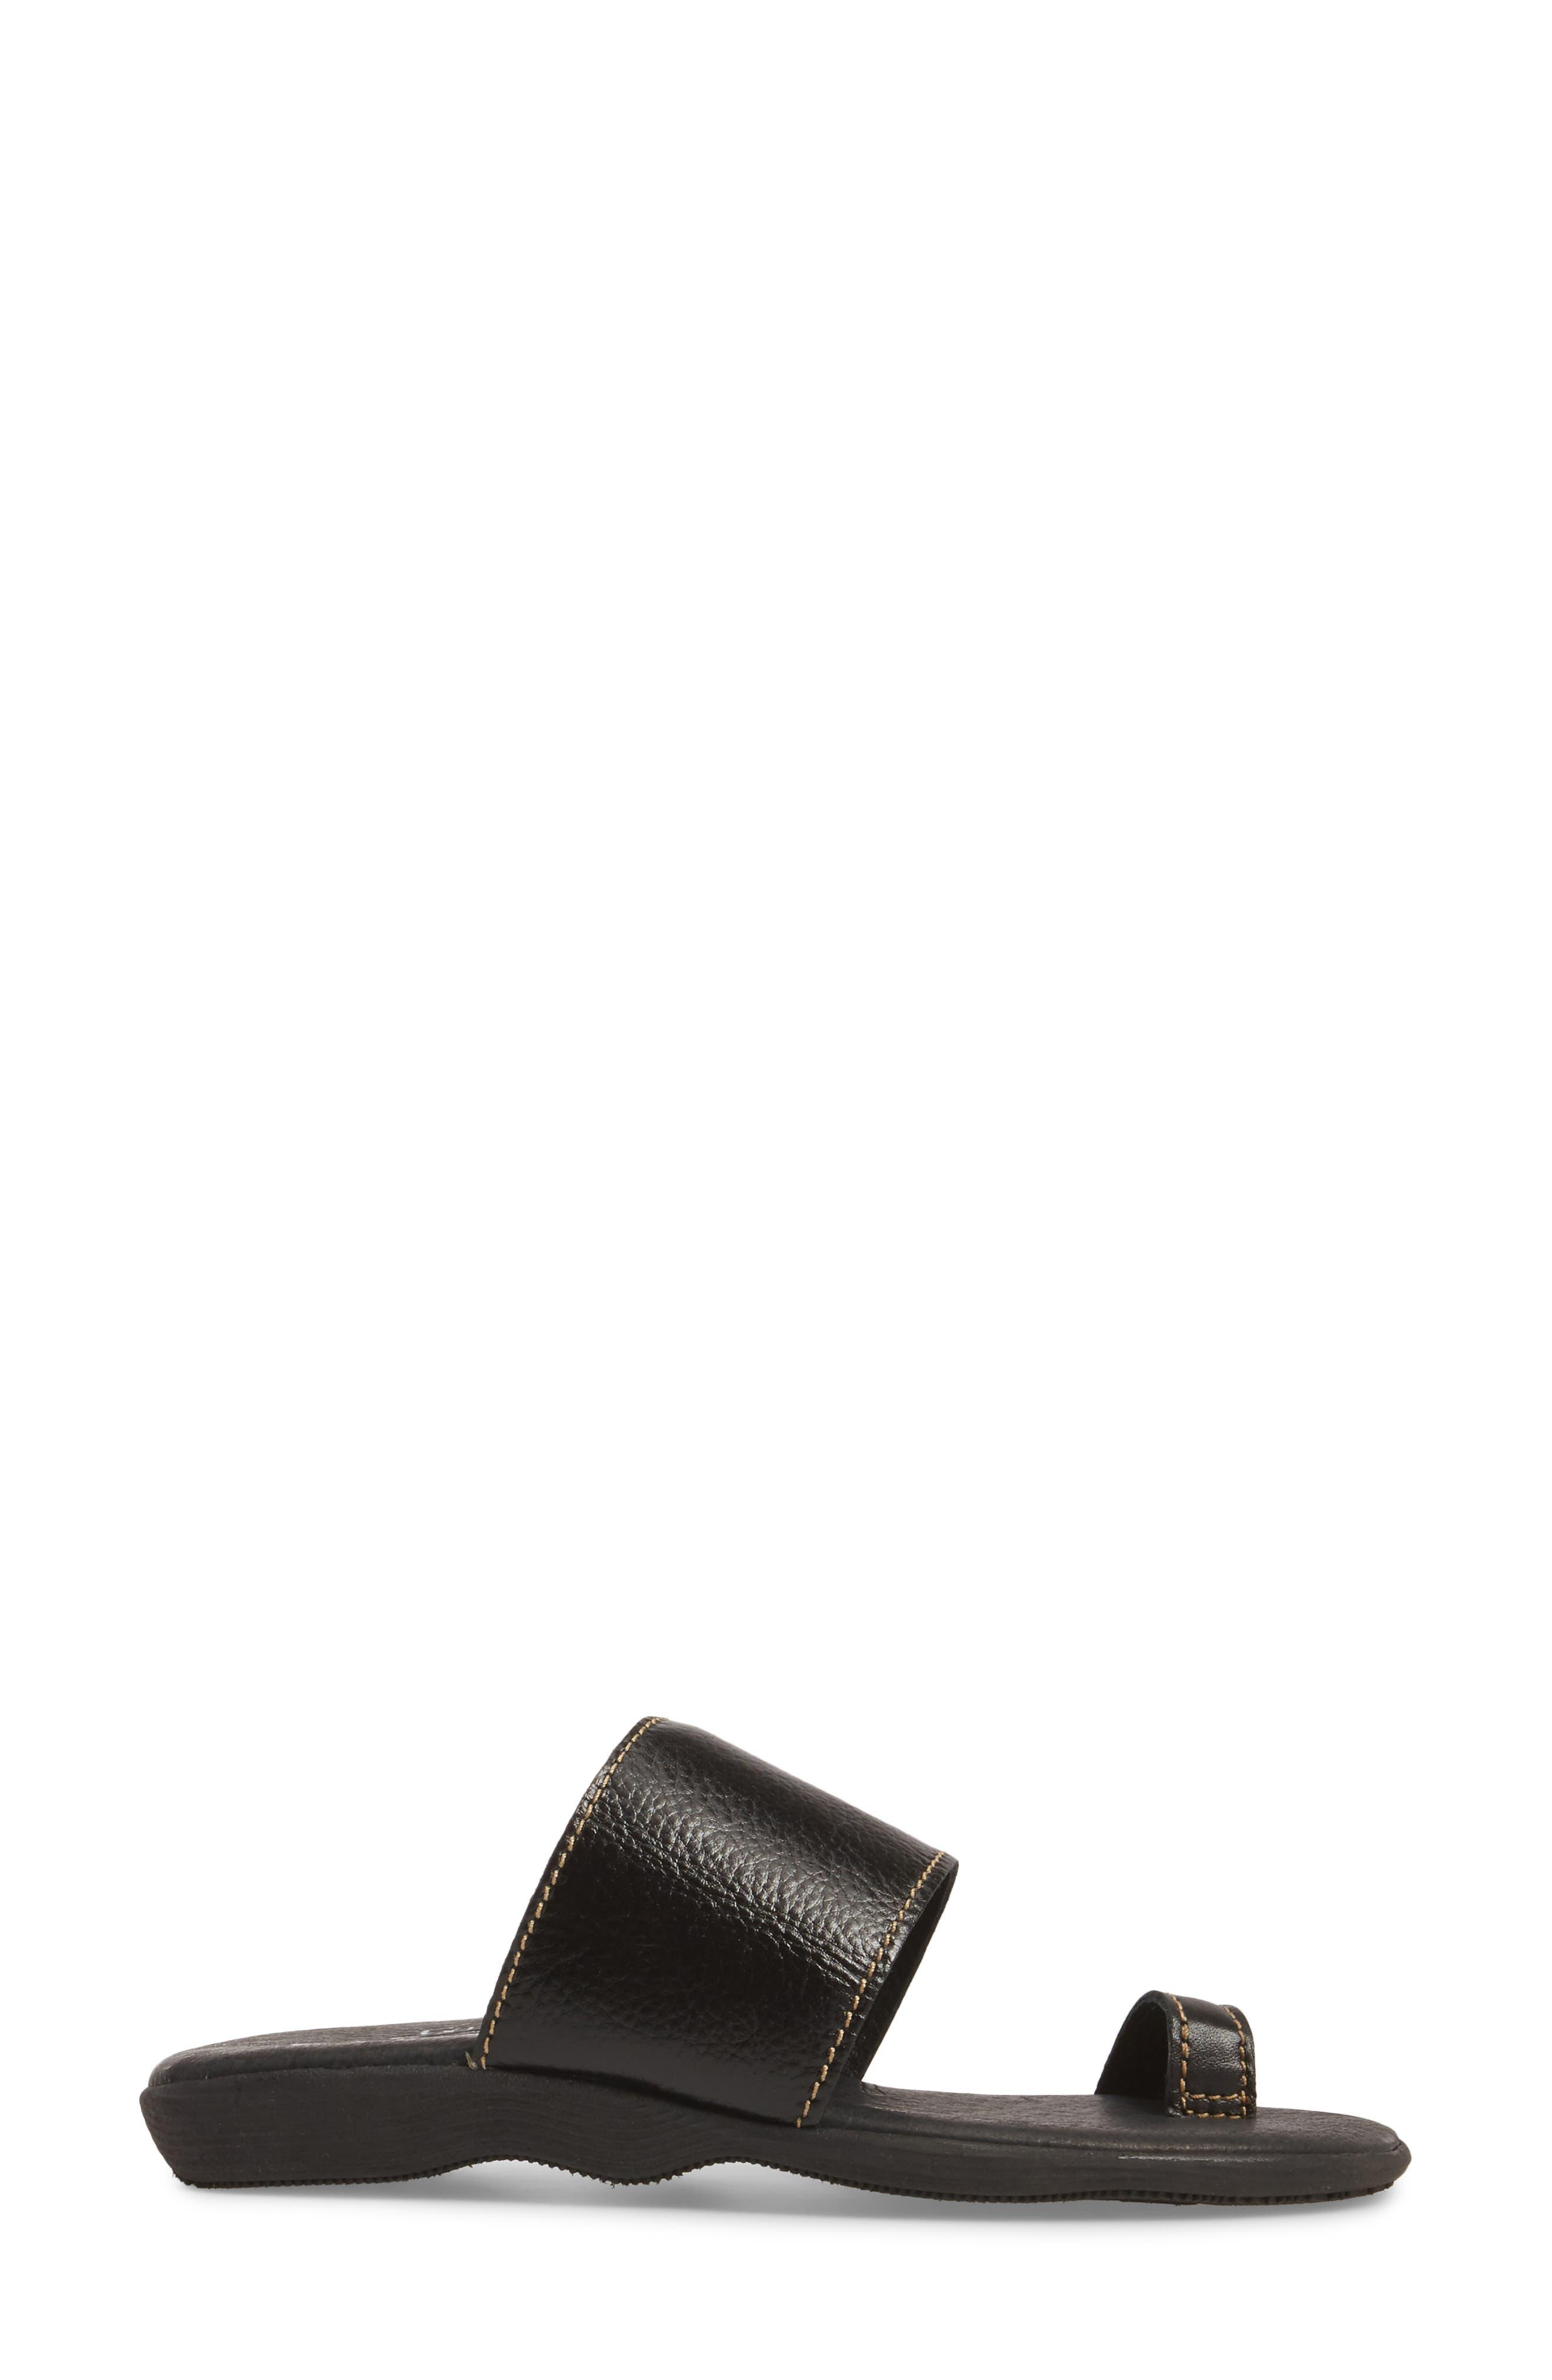 Band & Deliver Toe Loop Slide Sandal,                             Alternate thumbnail 3, color,                             COAL LEATHER